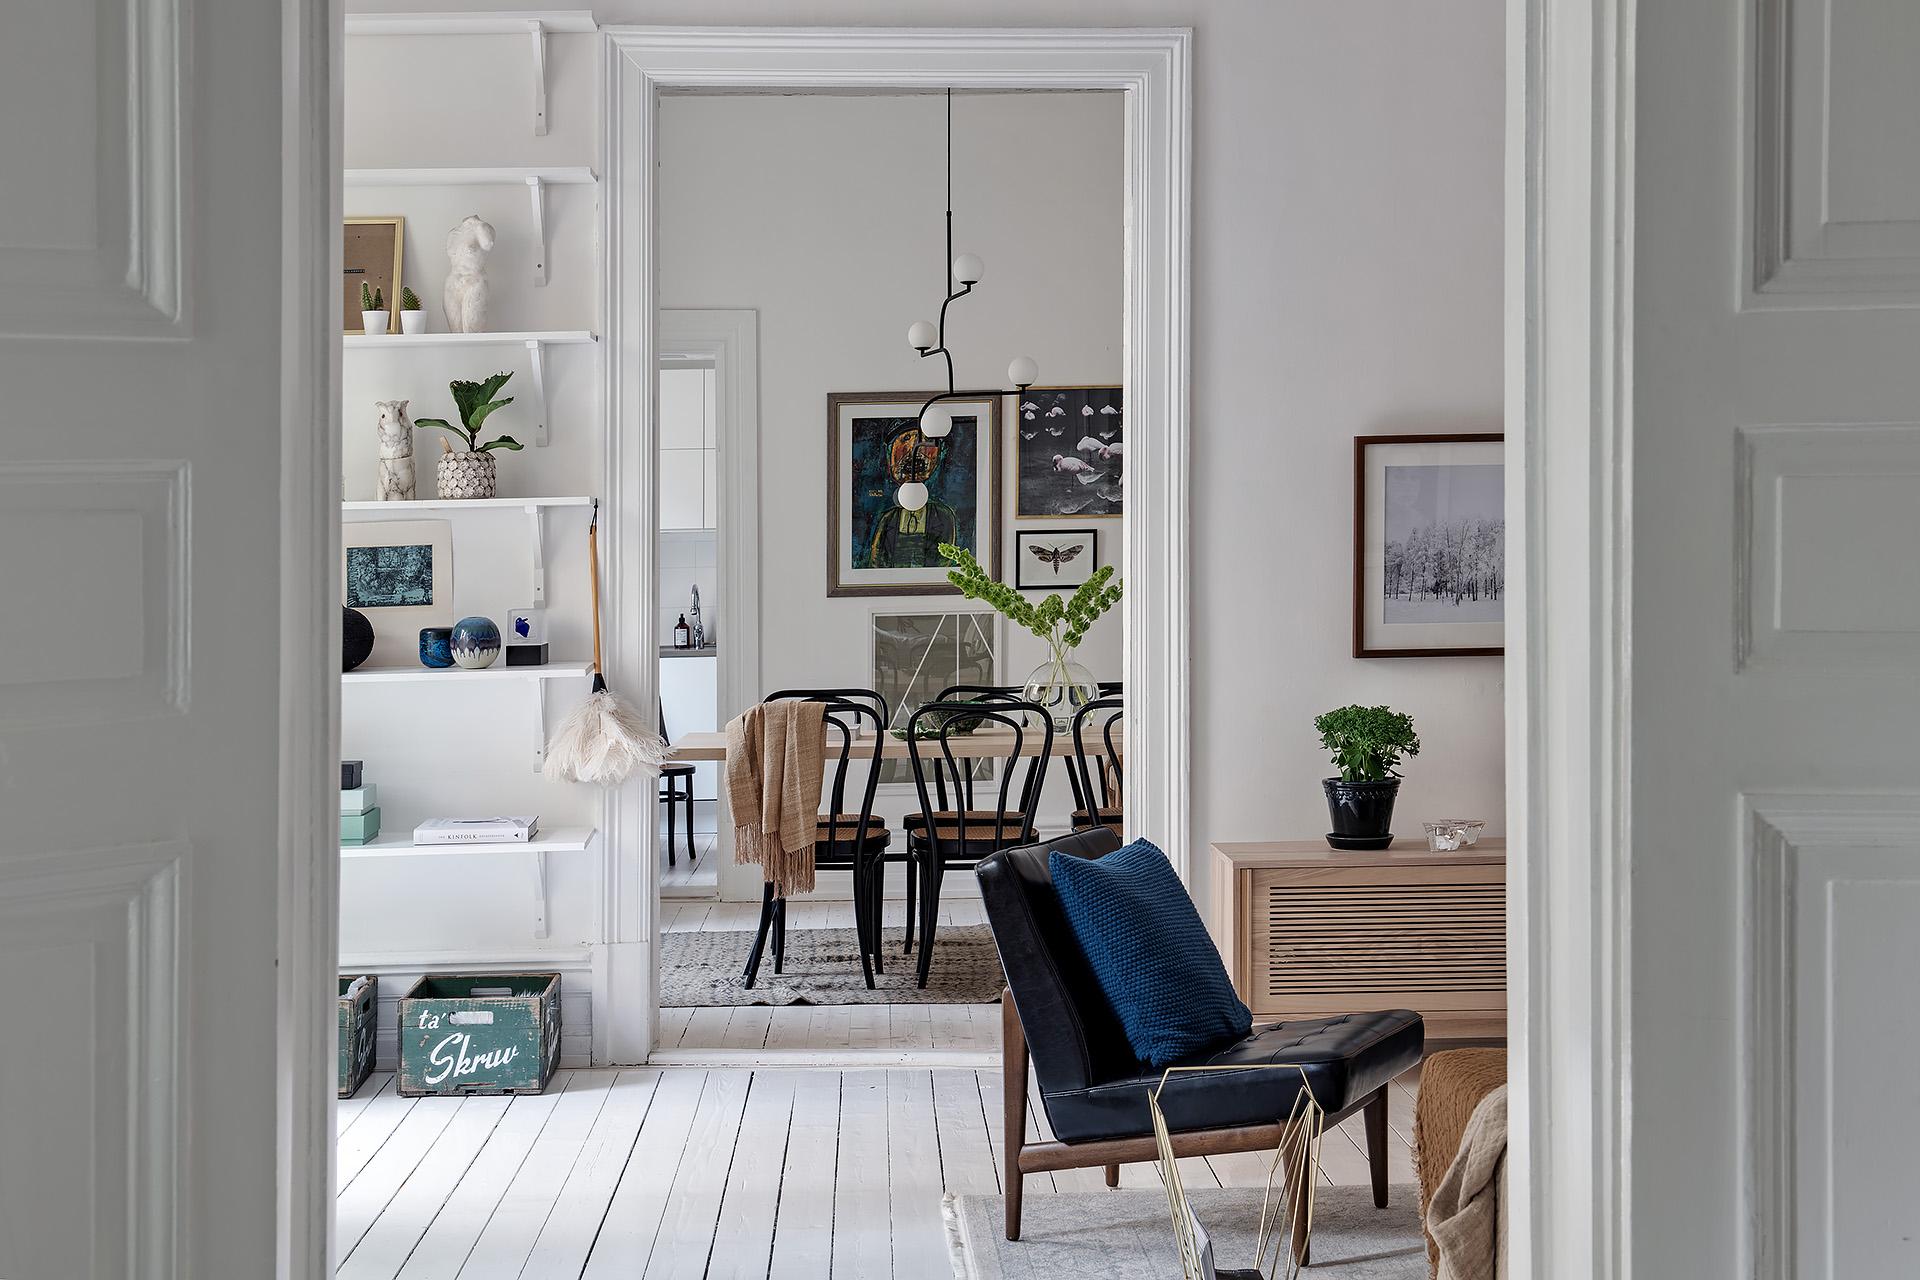 alvhem_sweden_apartment_1